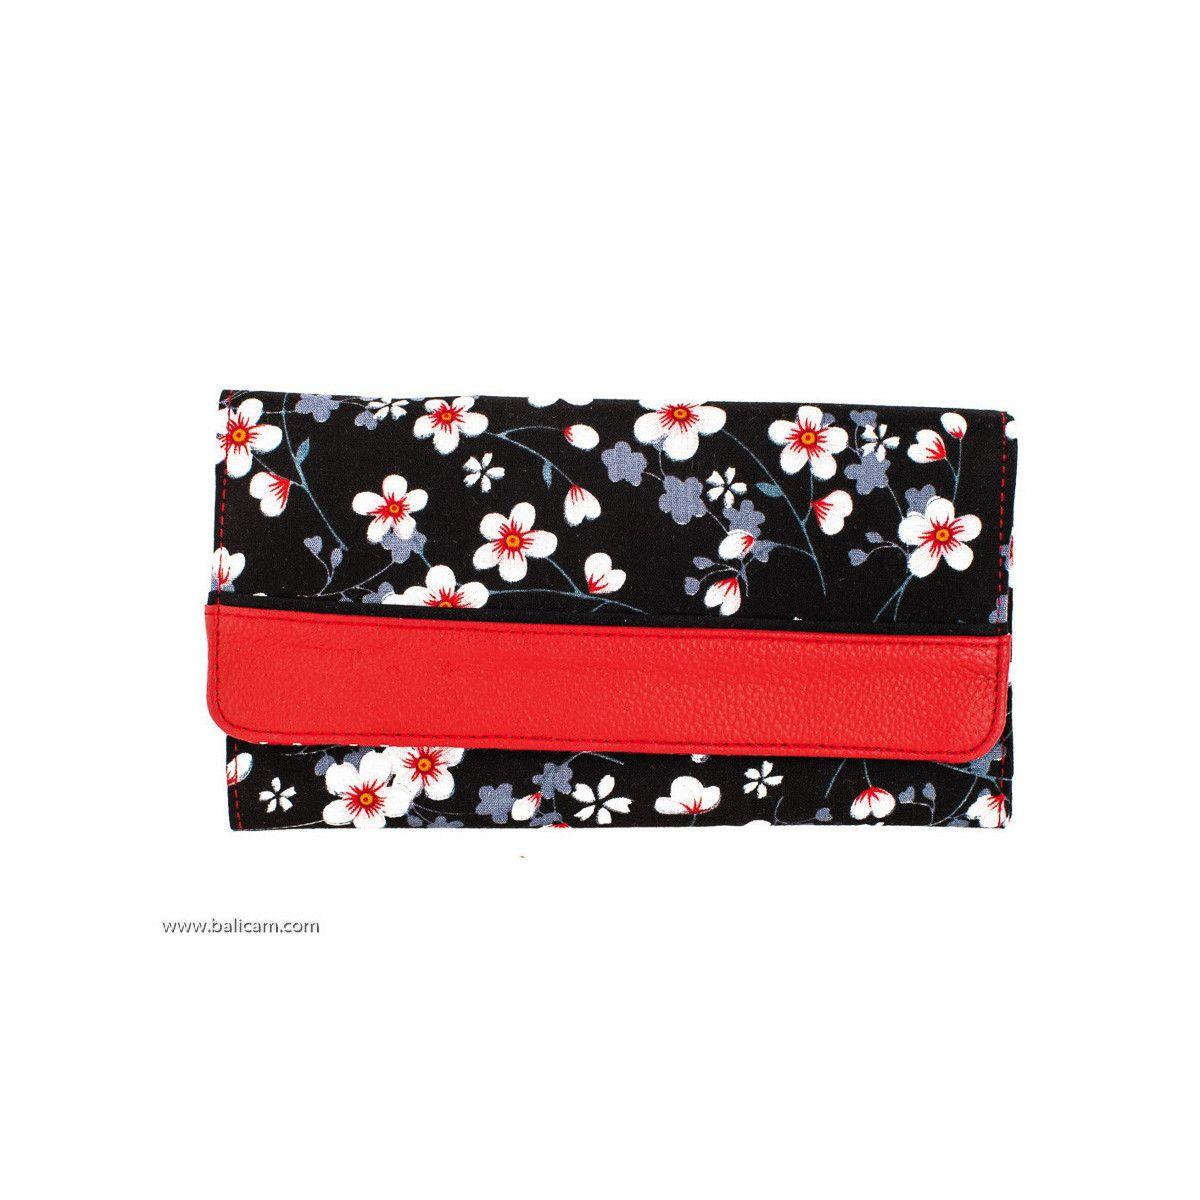 portefeuille-compagnon-tout-en-un-original-noir-et-rouge-et-fleurs